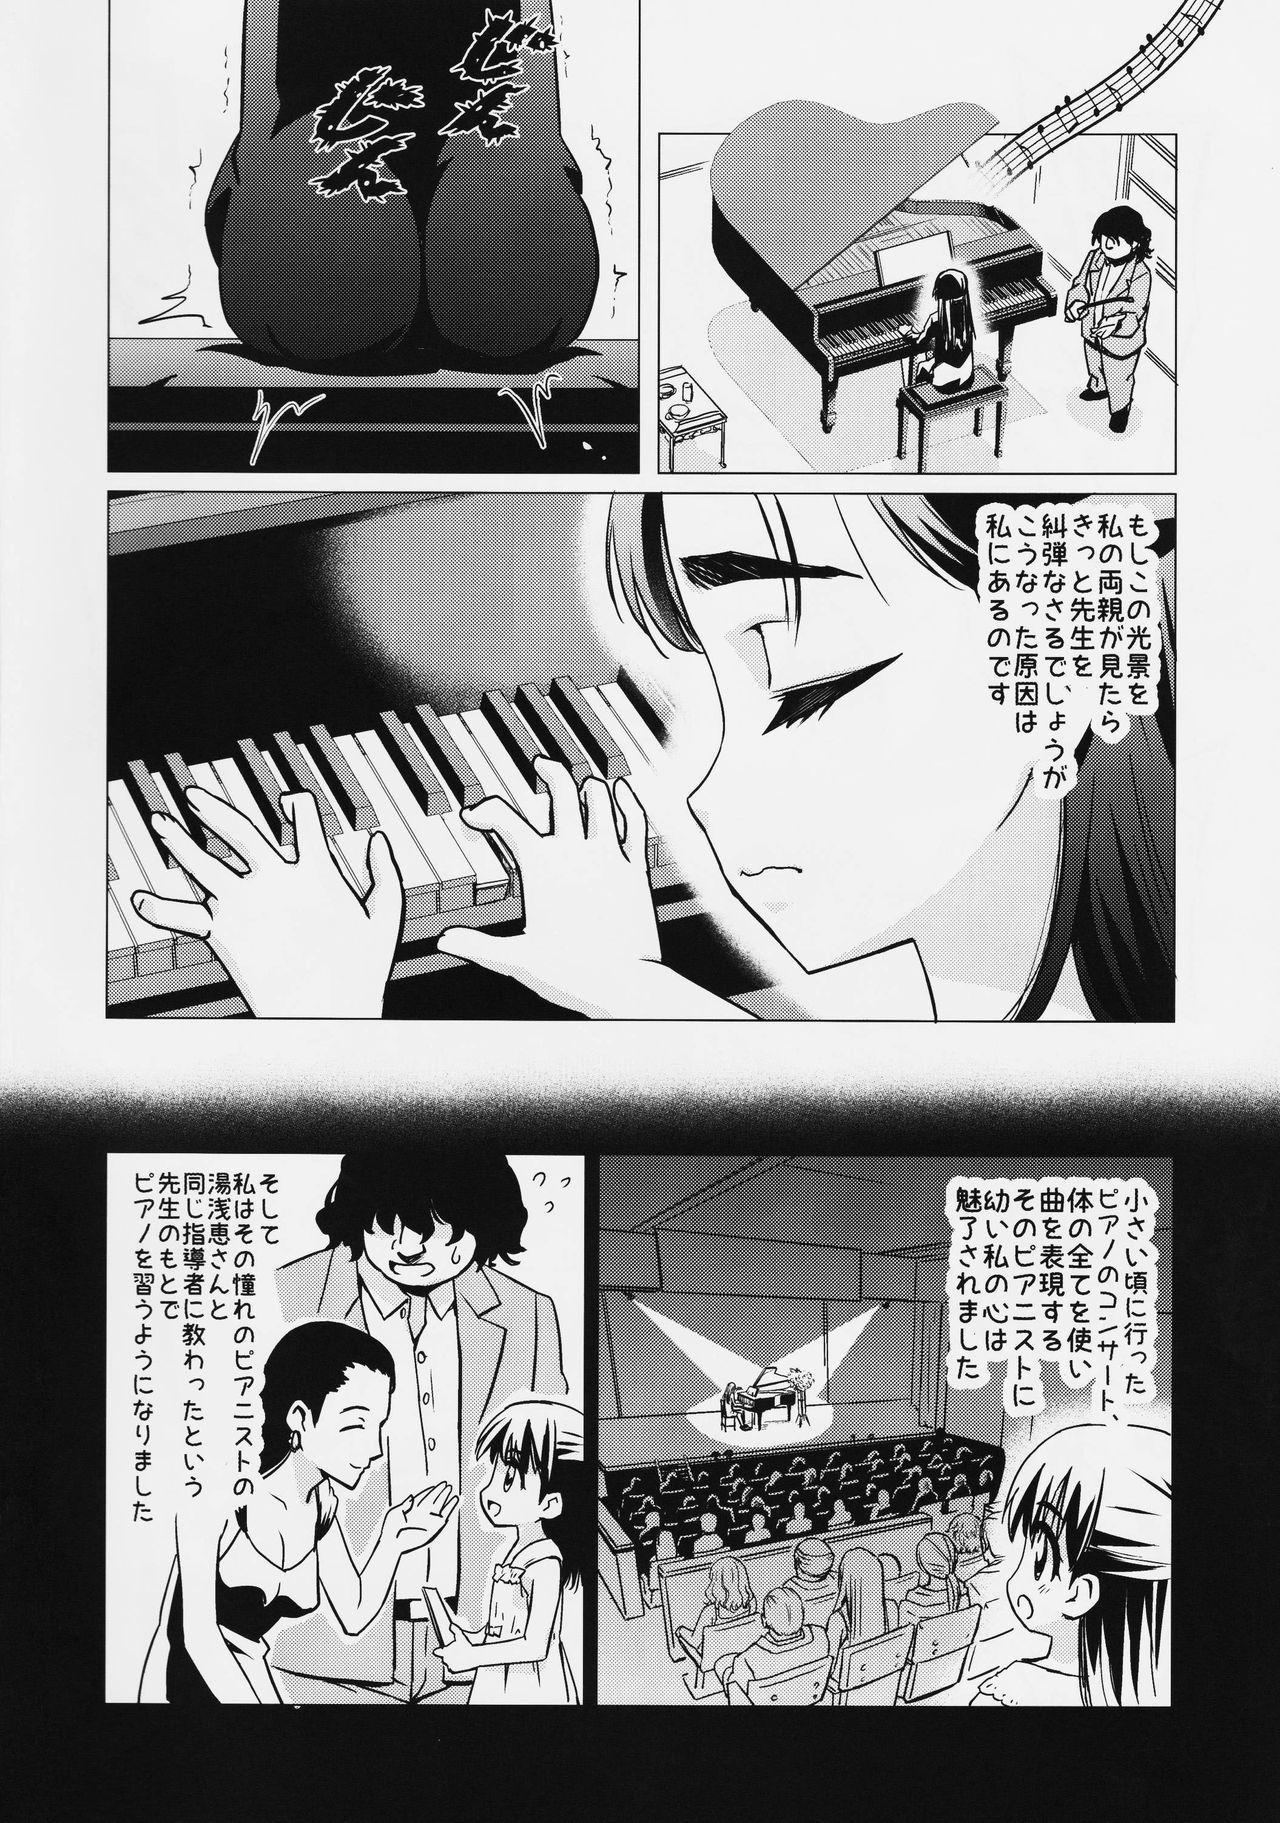 Osanai Kozue no Maso Taibatsu Shigan 2